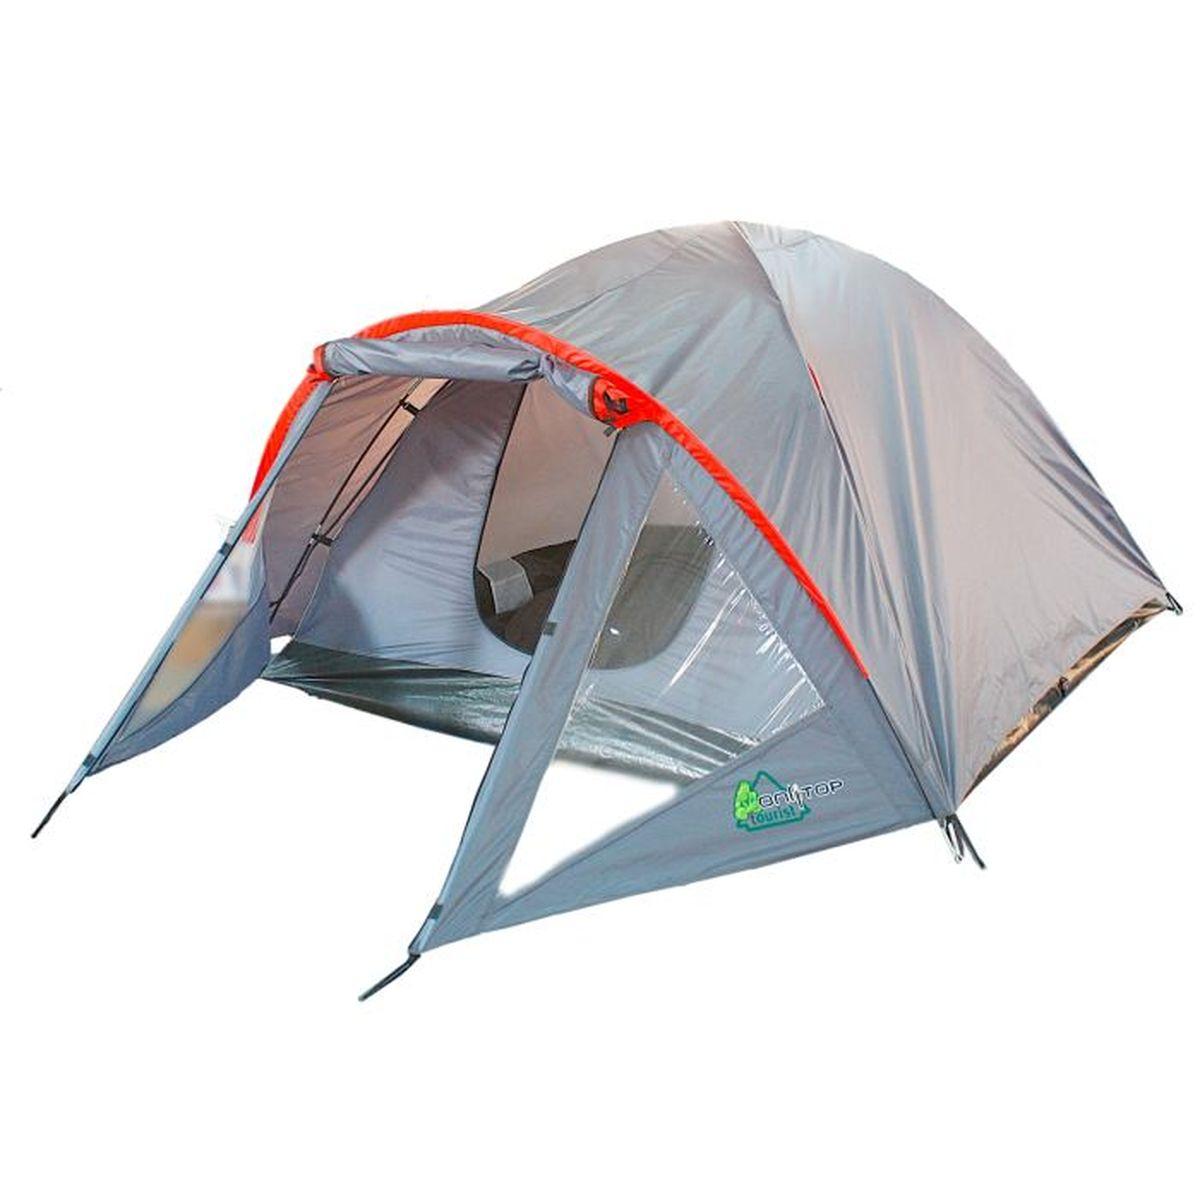 Палатка туристическая Onlitop DISCOVERY 3, цвет: серый776301Если вы заядлый турист или просто любитель природы, вы хоть раз задумывались о ночёвке на свежем воздухе. Чтобы провести это время с комфортом, вам понадобится отличная палатка, такая как DISCOVERY. Палатка рассчитана на трёх человек, она обеспечит безопасный и комфортный отдых и защитит от непогоды и насекомых. С помощью тамбура вы сможете сэкономить пространство, поместив туда рюкзаки и одежду